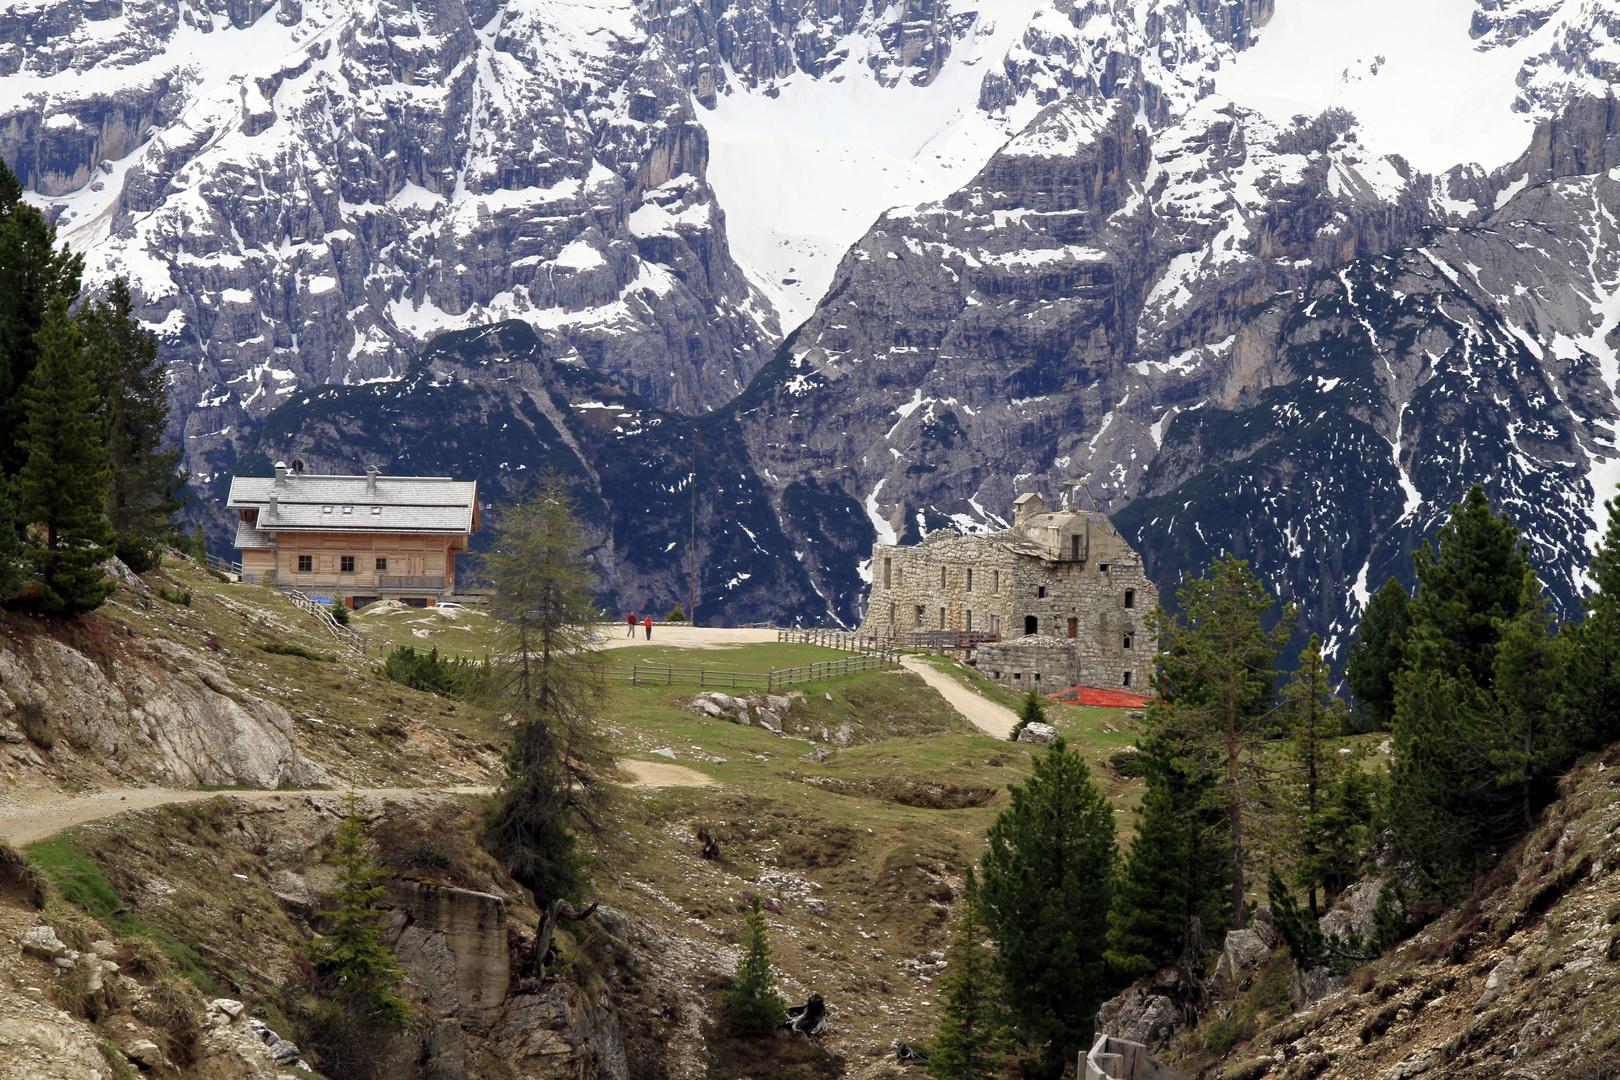 Dürrensteinhütte, Pragser Dolomiten